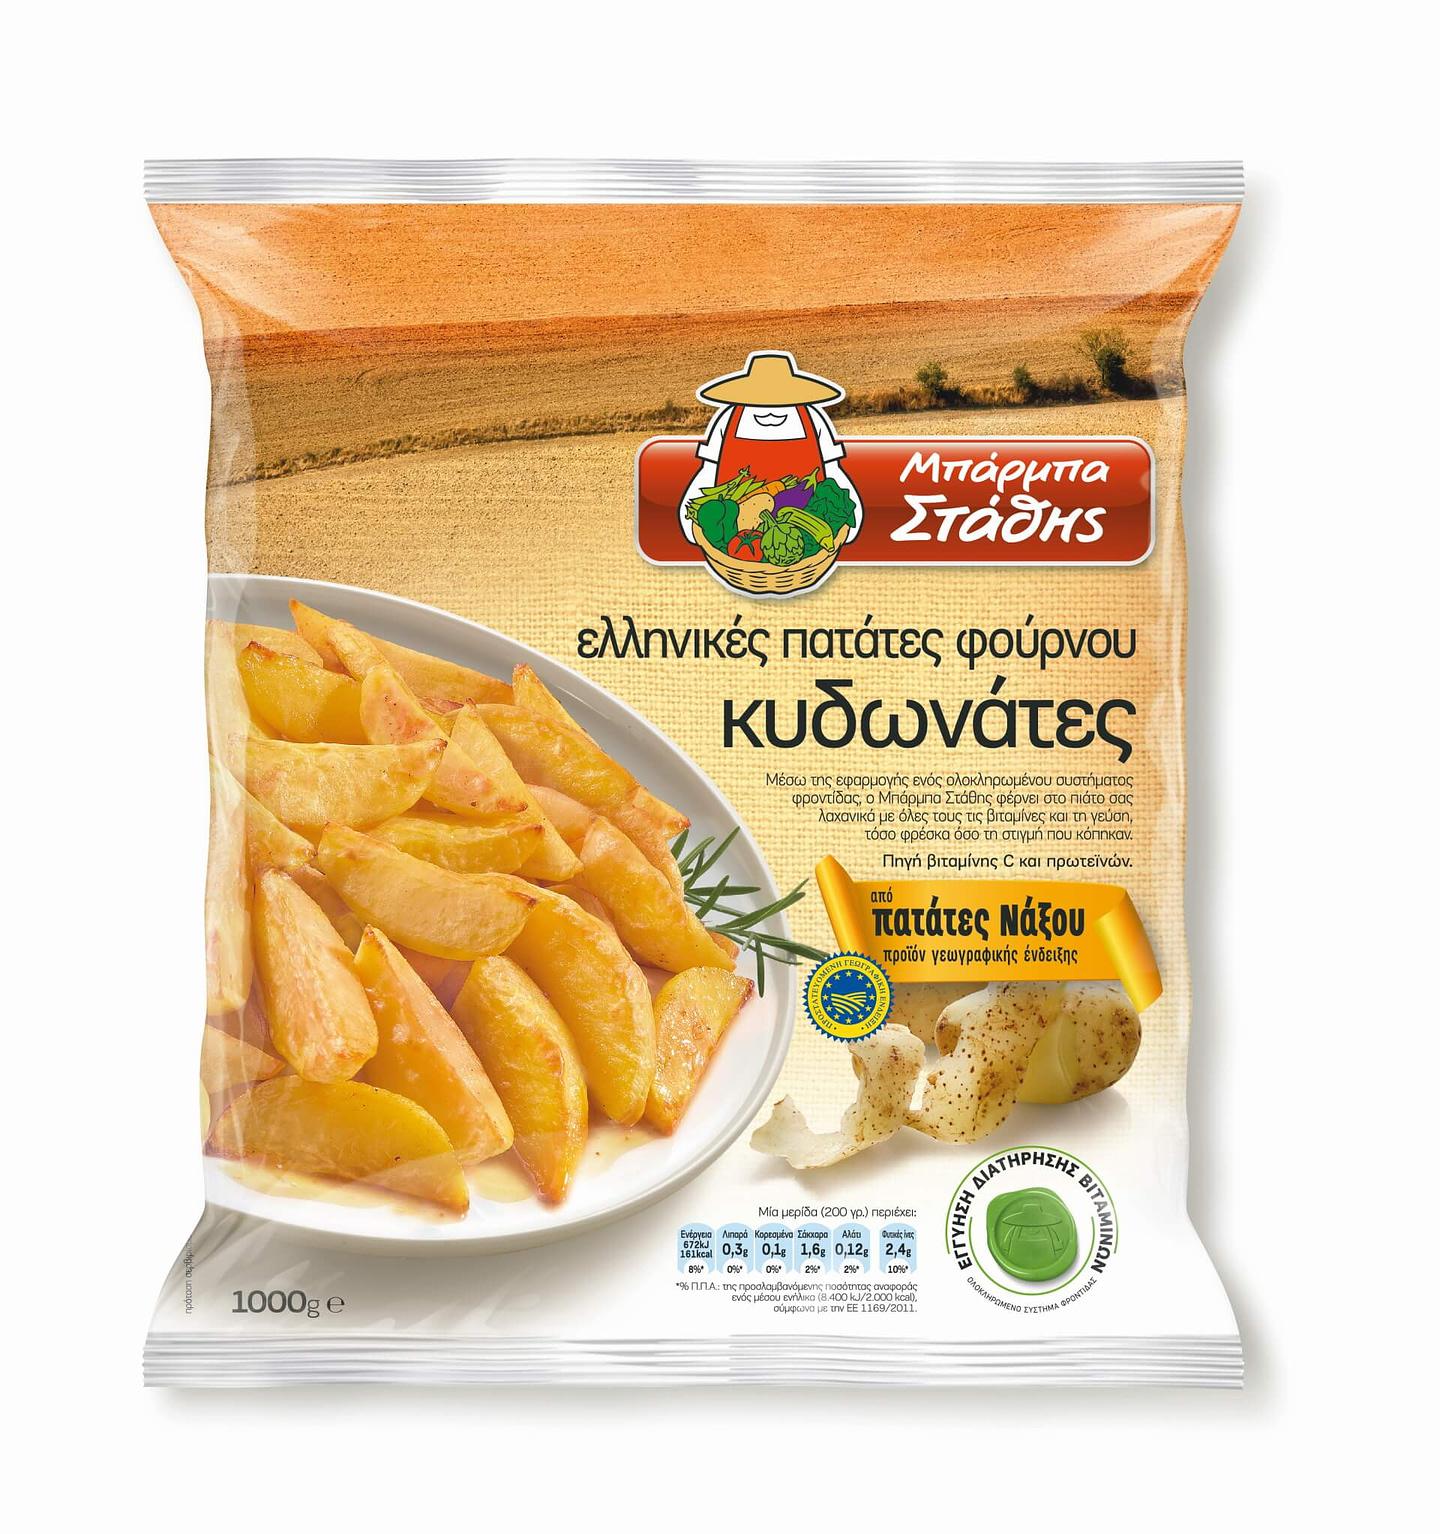 patates fournou kydonates 1000g